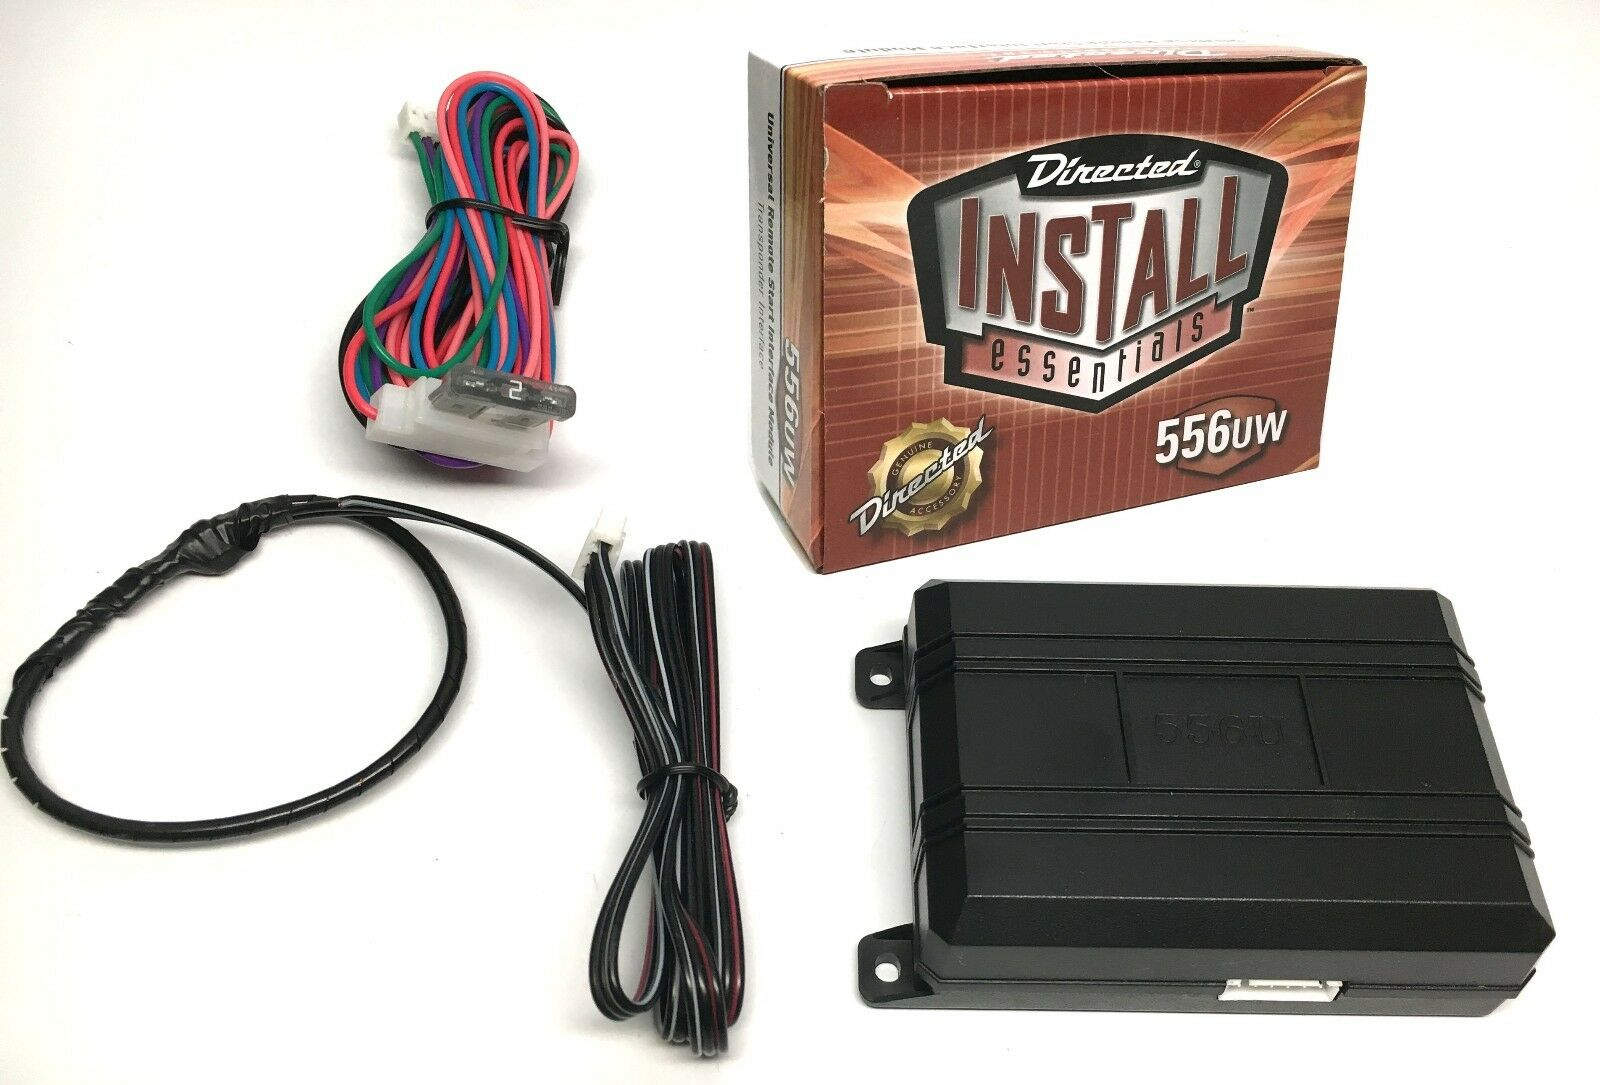 DIRECTED INSTALLATION ESSENTIALS 556UW Universal Remote-Start Interface